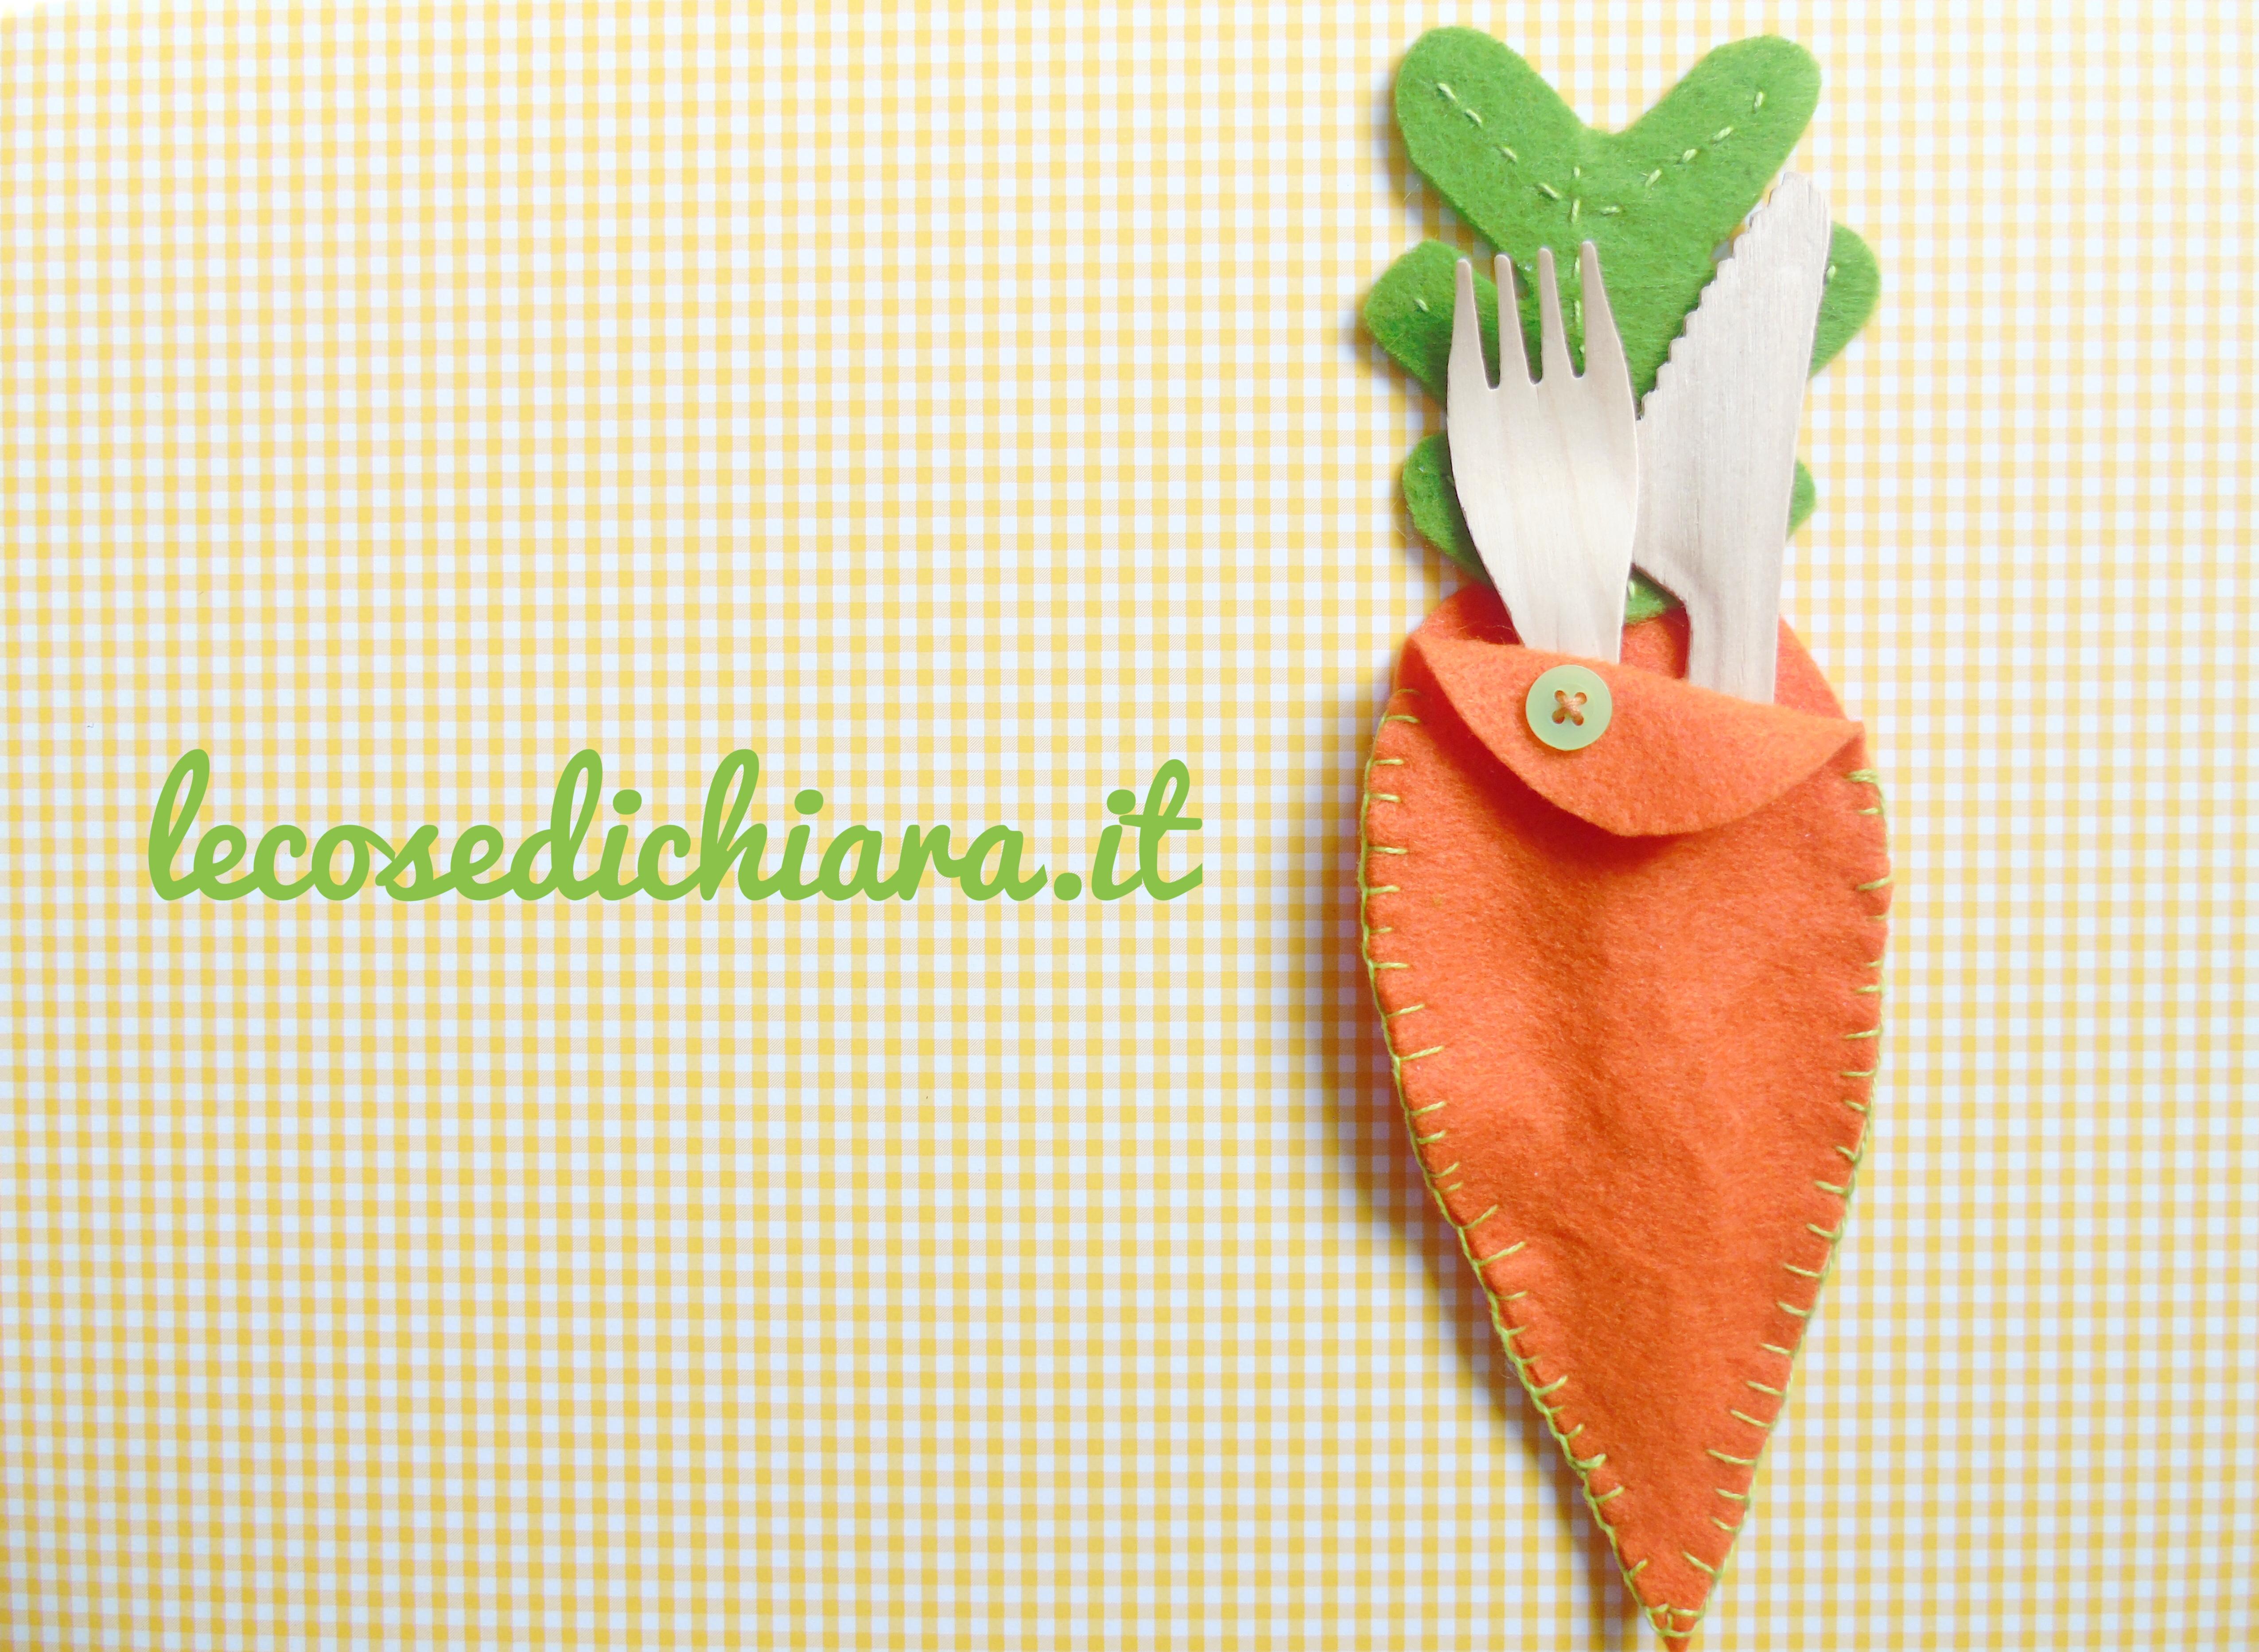 foto-orizzontale-3-carote-per-pasqua-lecosedichiara-chiara-zenga